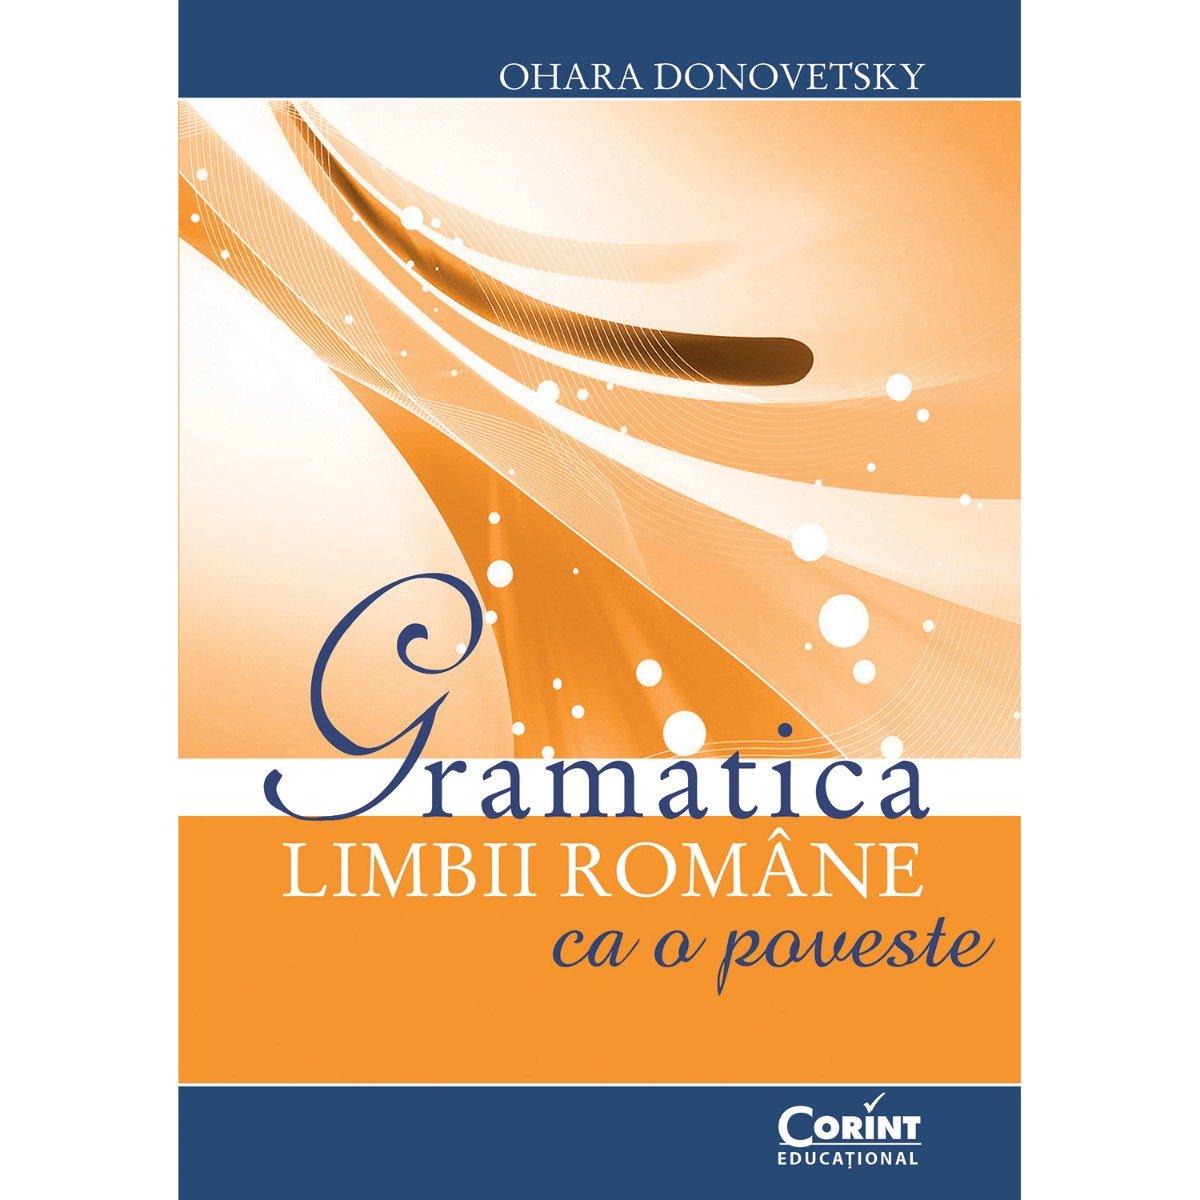 Carte Editura Corint, Gramatica limbii romane ca o poveste, Ohara Donovetsky